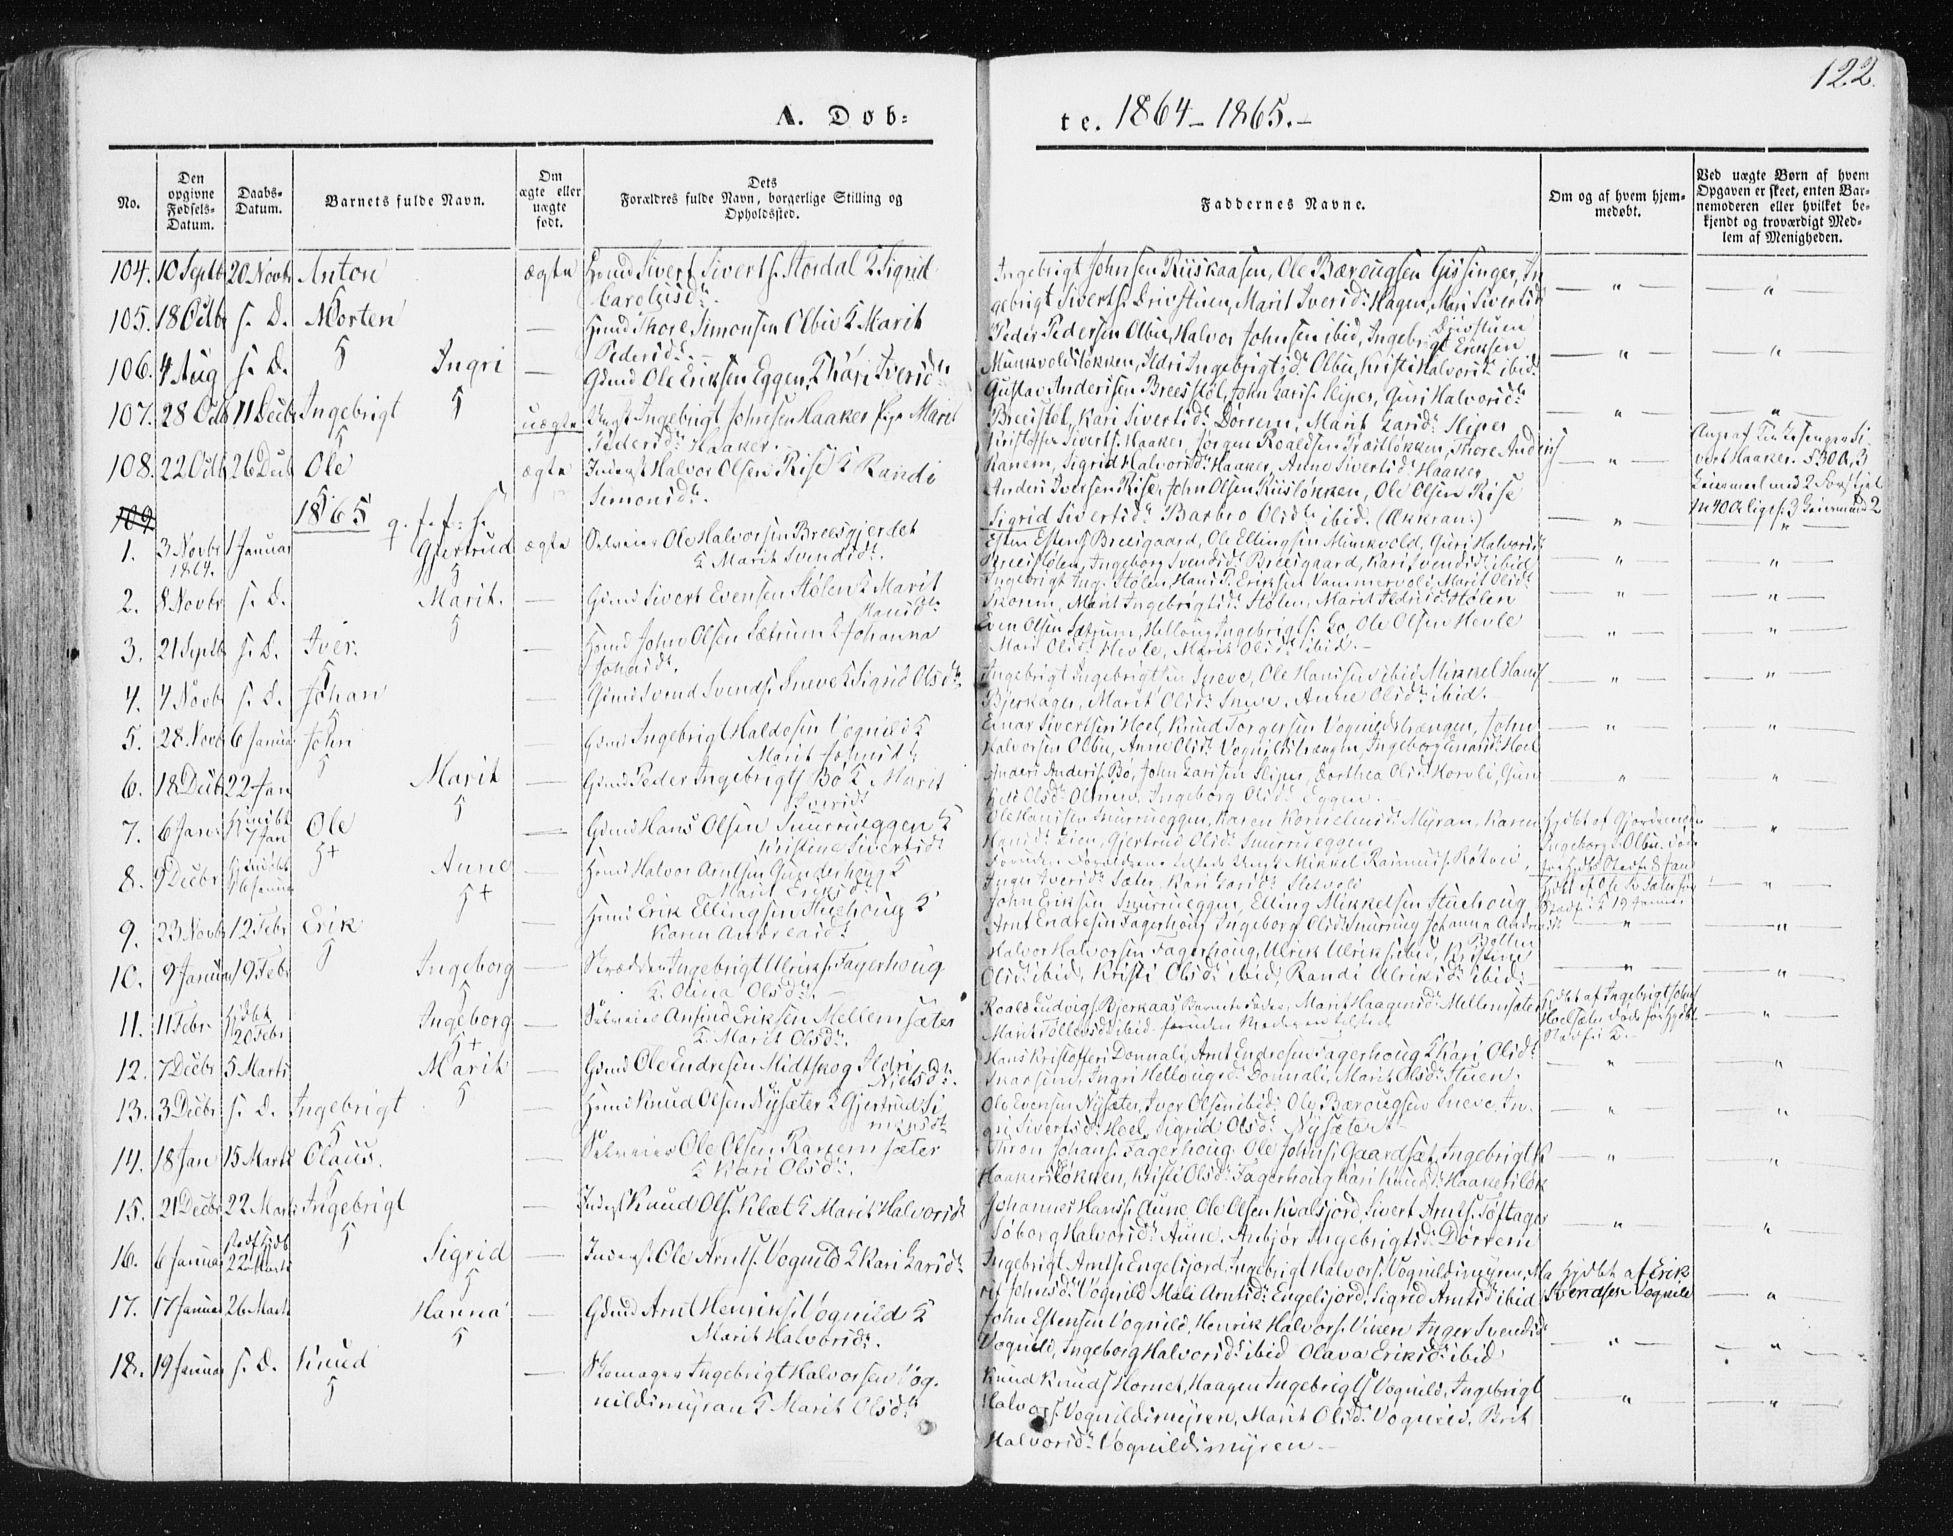 SAT, Ministerialprotokoller, klokkerbøker og fødselsregistre - Sør-Trøndelag, 678/L0899: Ministerialbok nr. 678A08, 1848-1872, s. 122